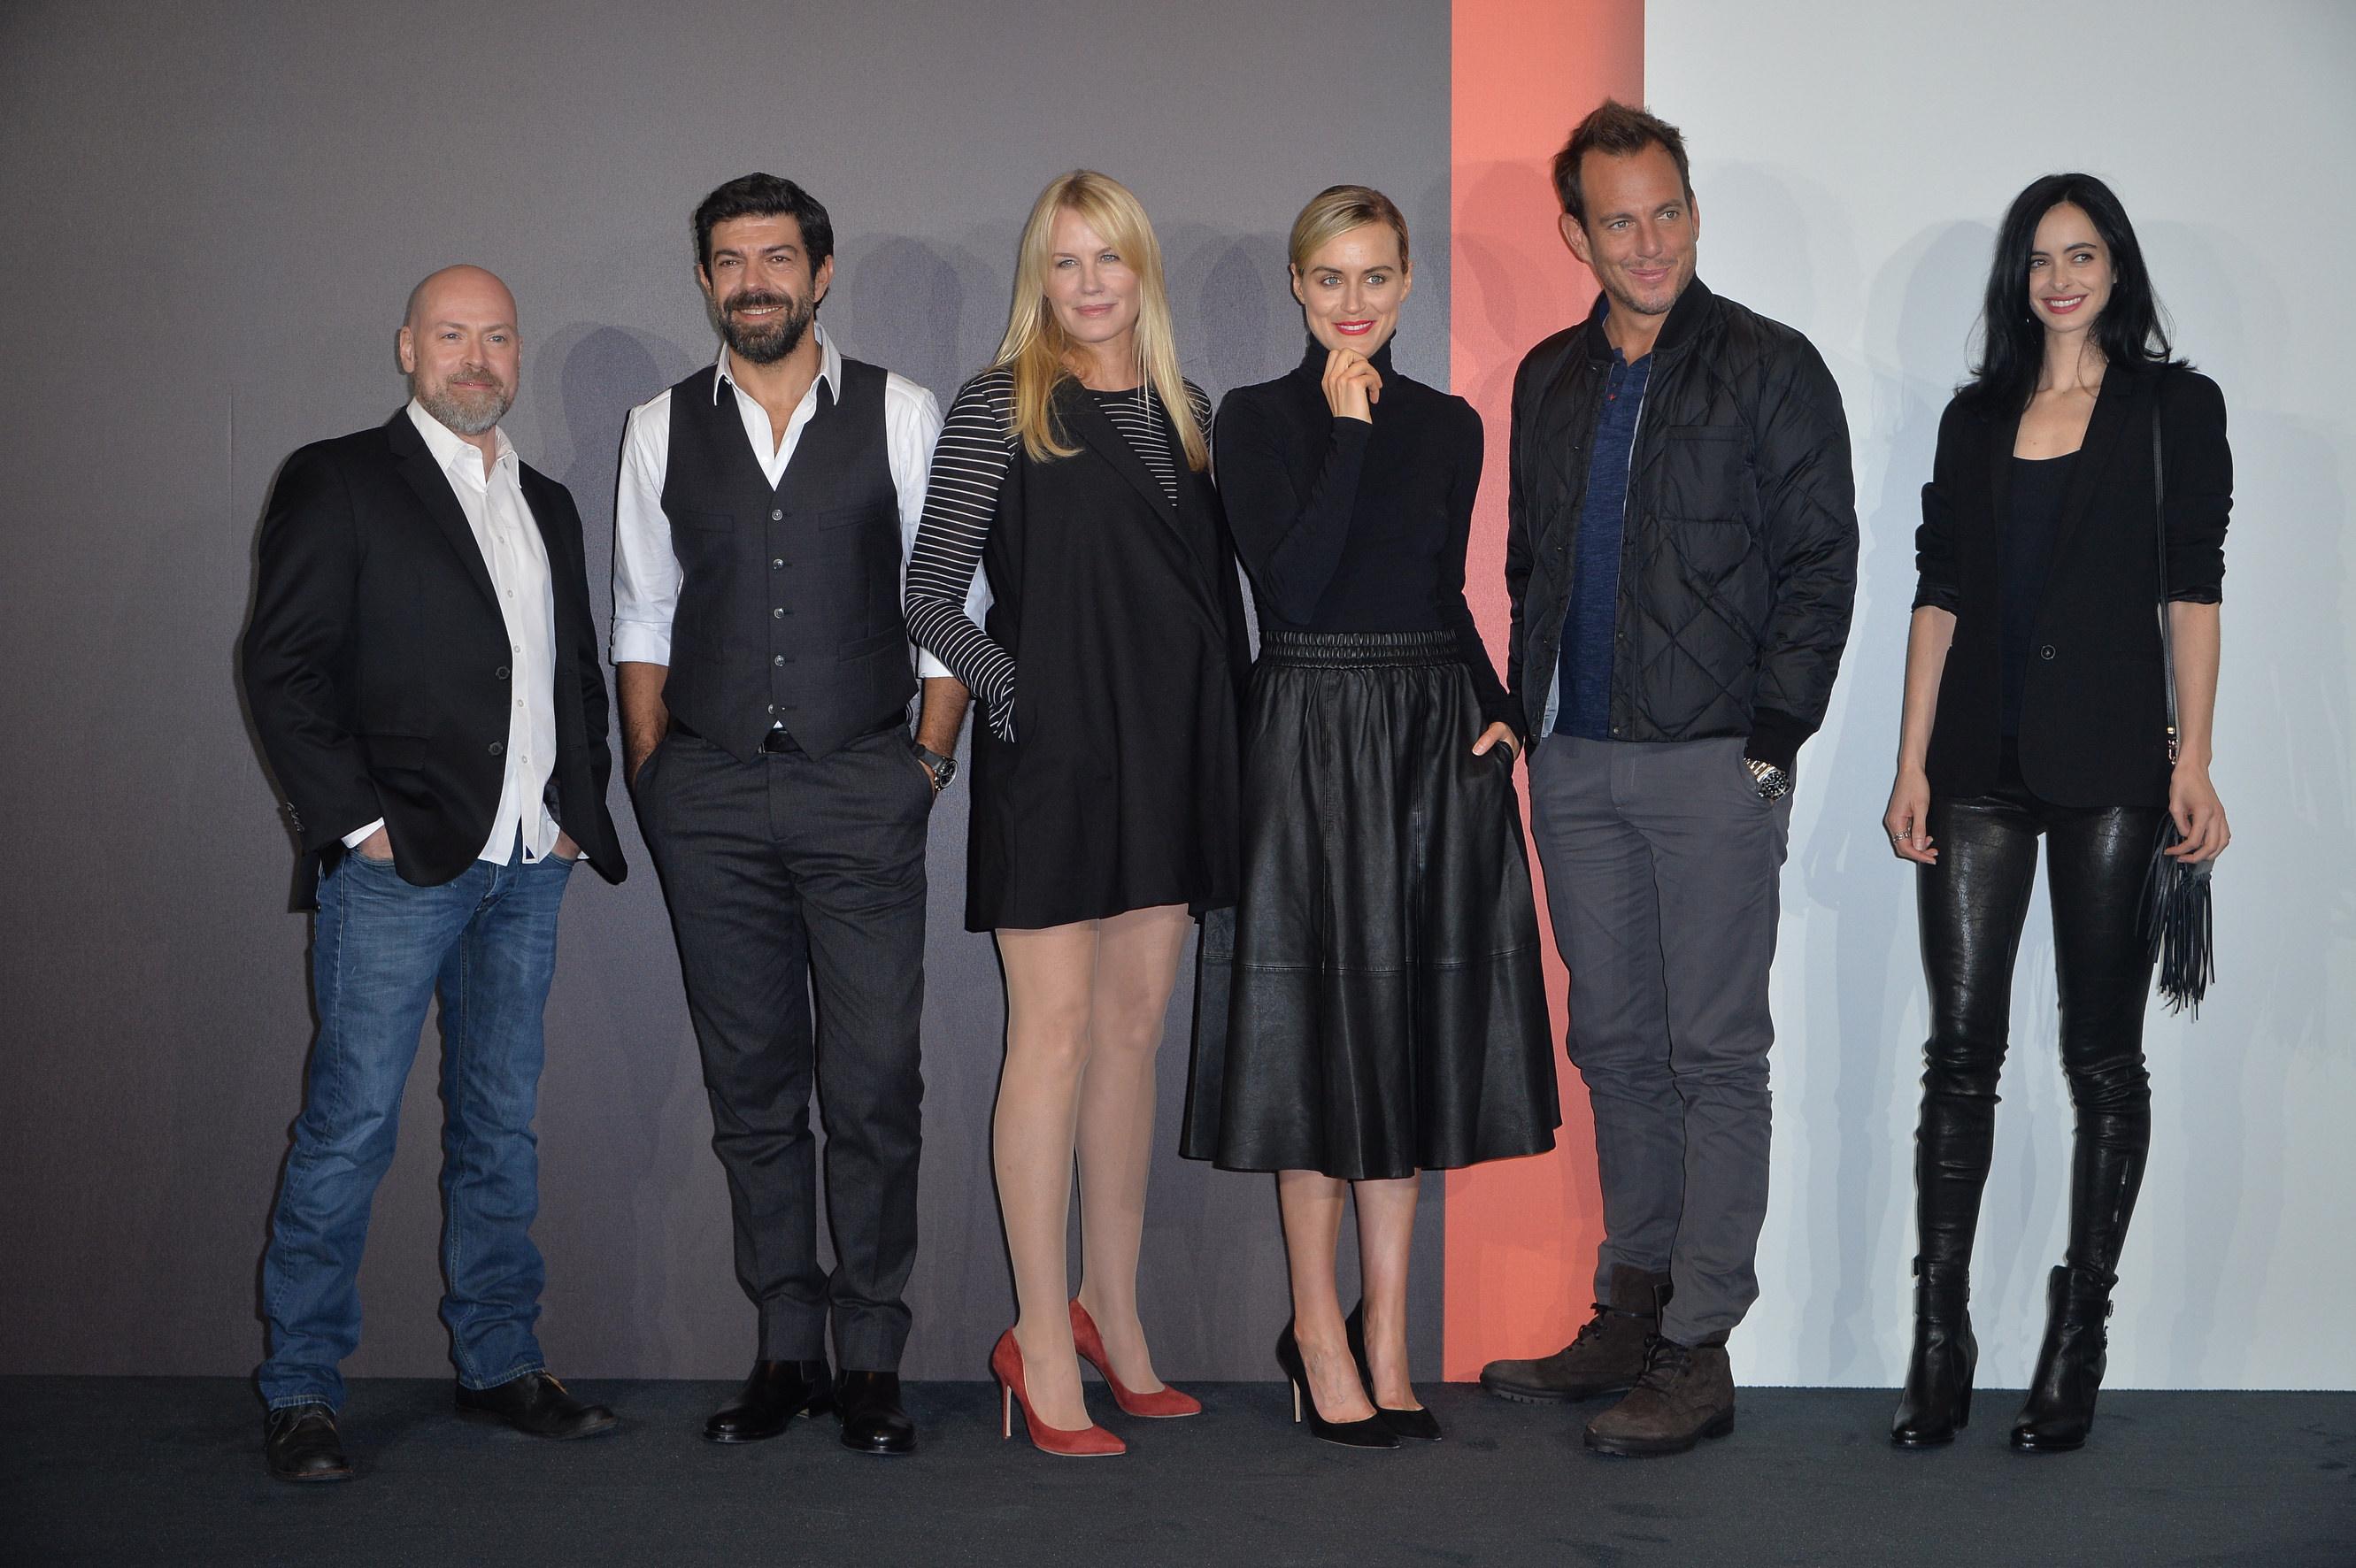 Presentazione di Netflix Italia, personalità del cinema e della tv